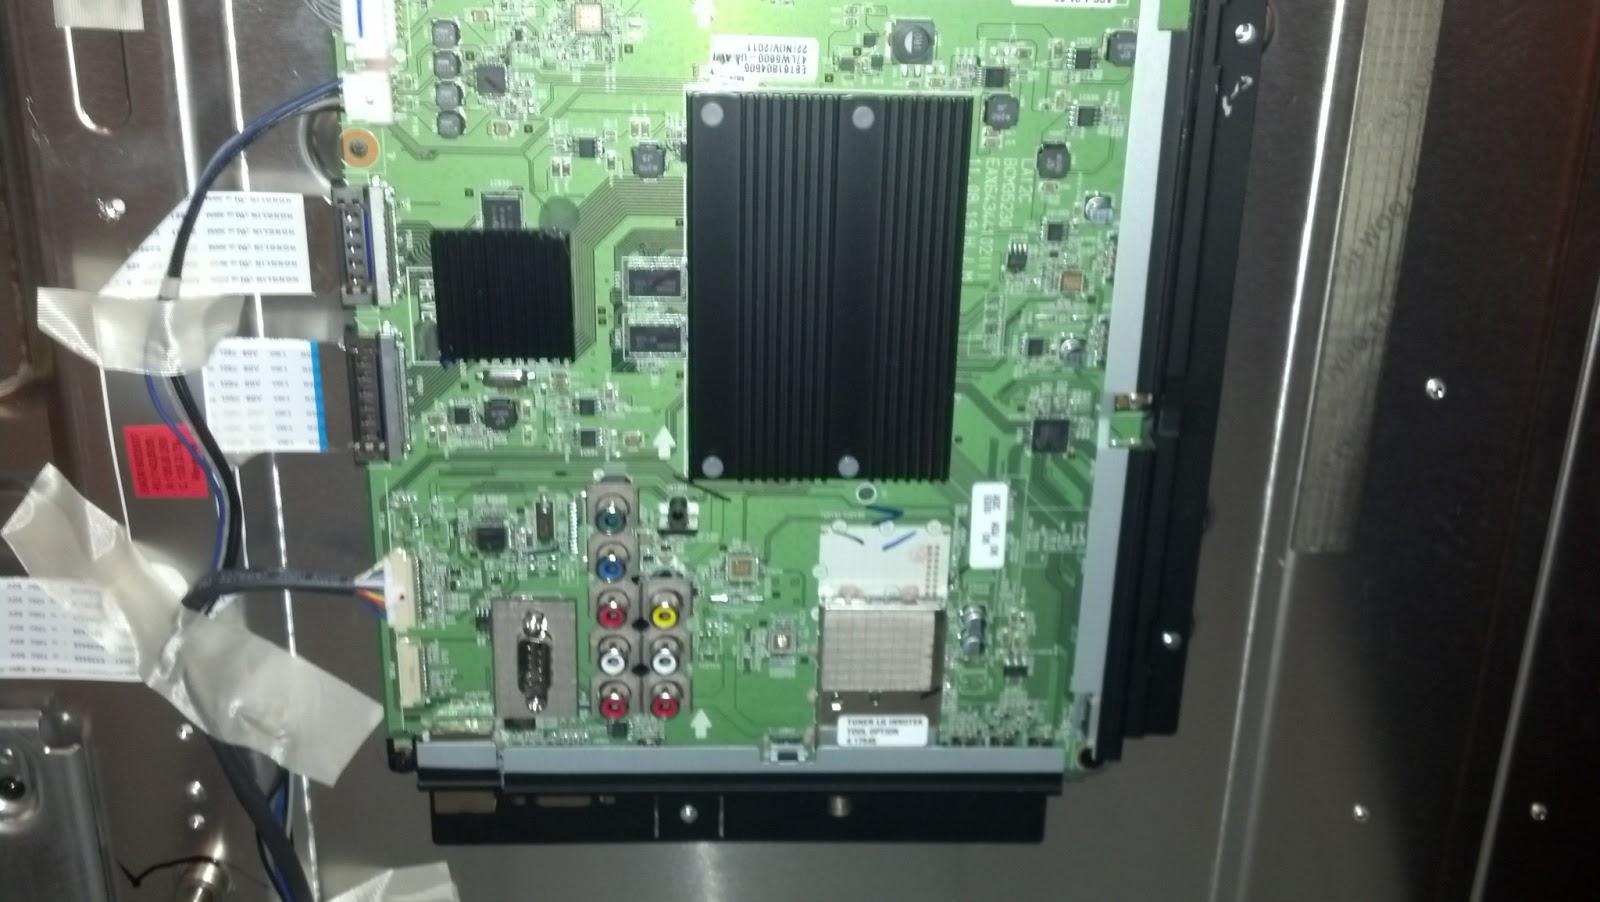 Siliconfish: Lightning strike killed the LG 55LW5700 TV ...